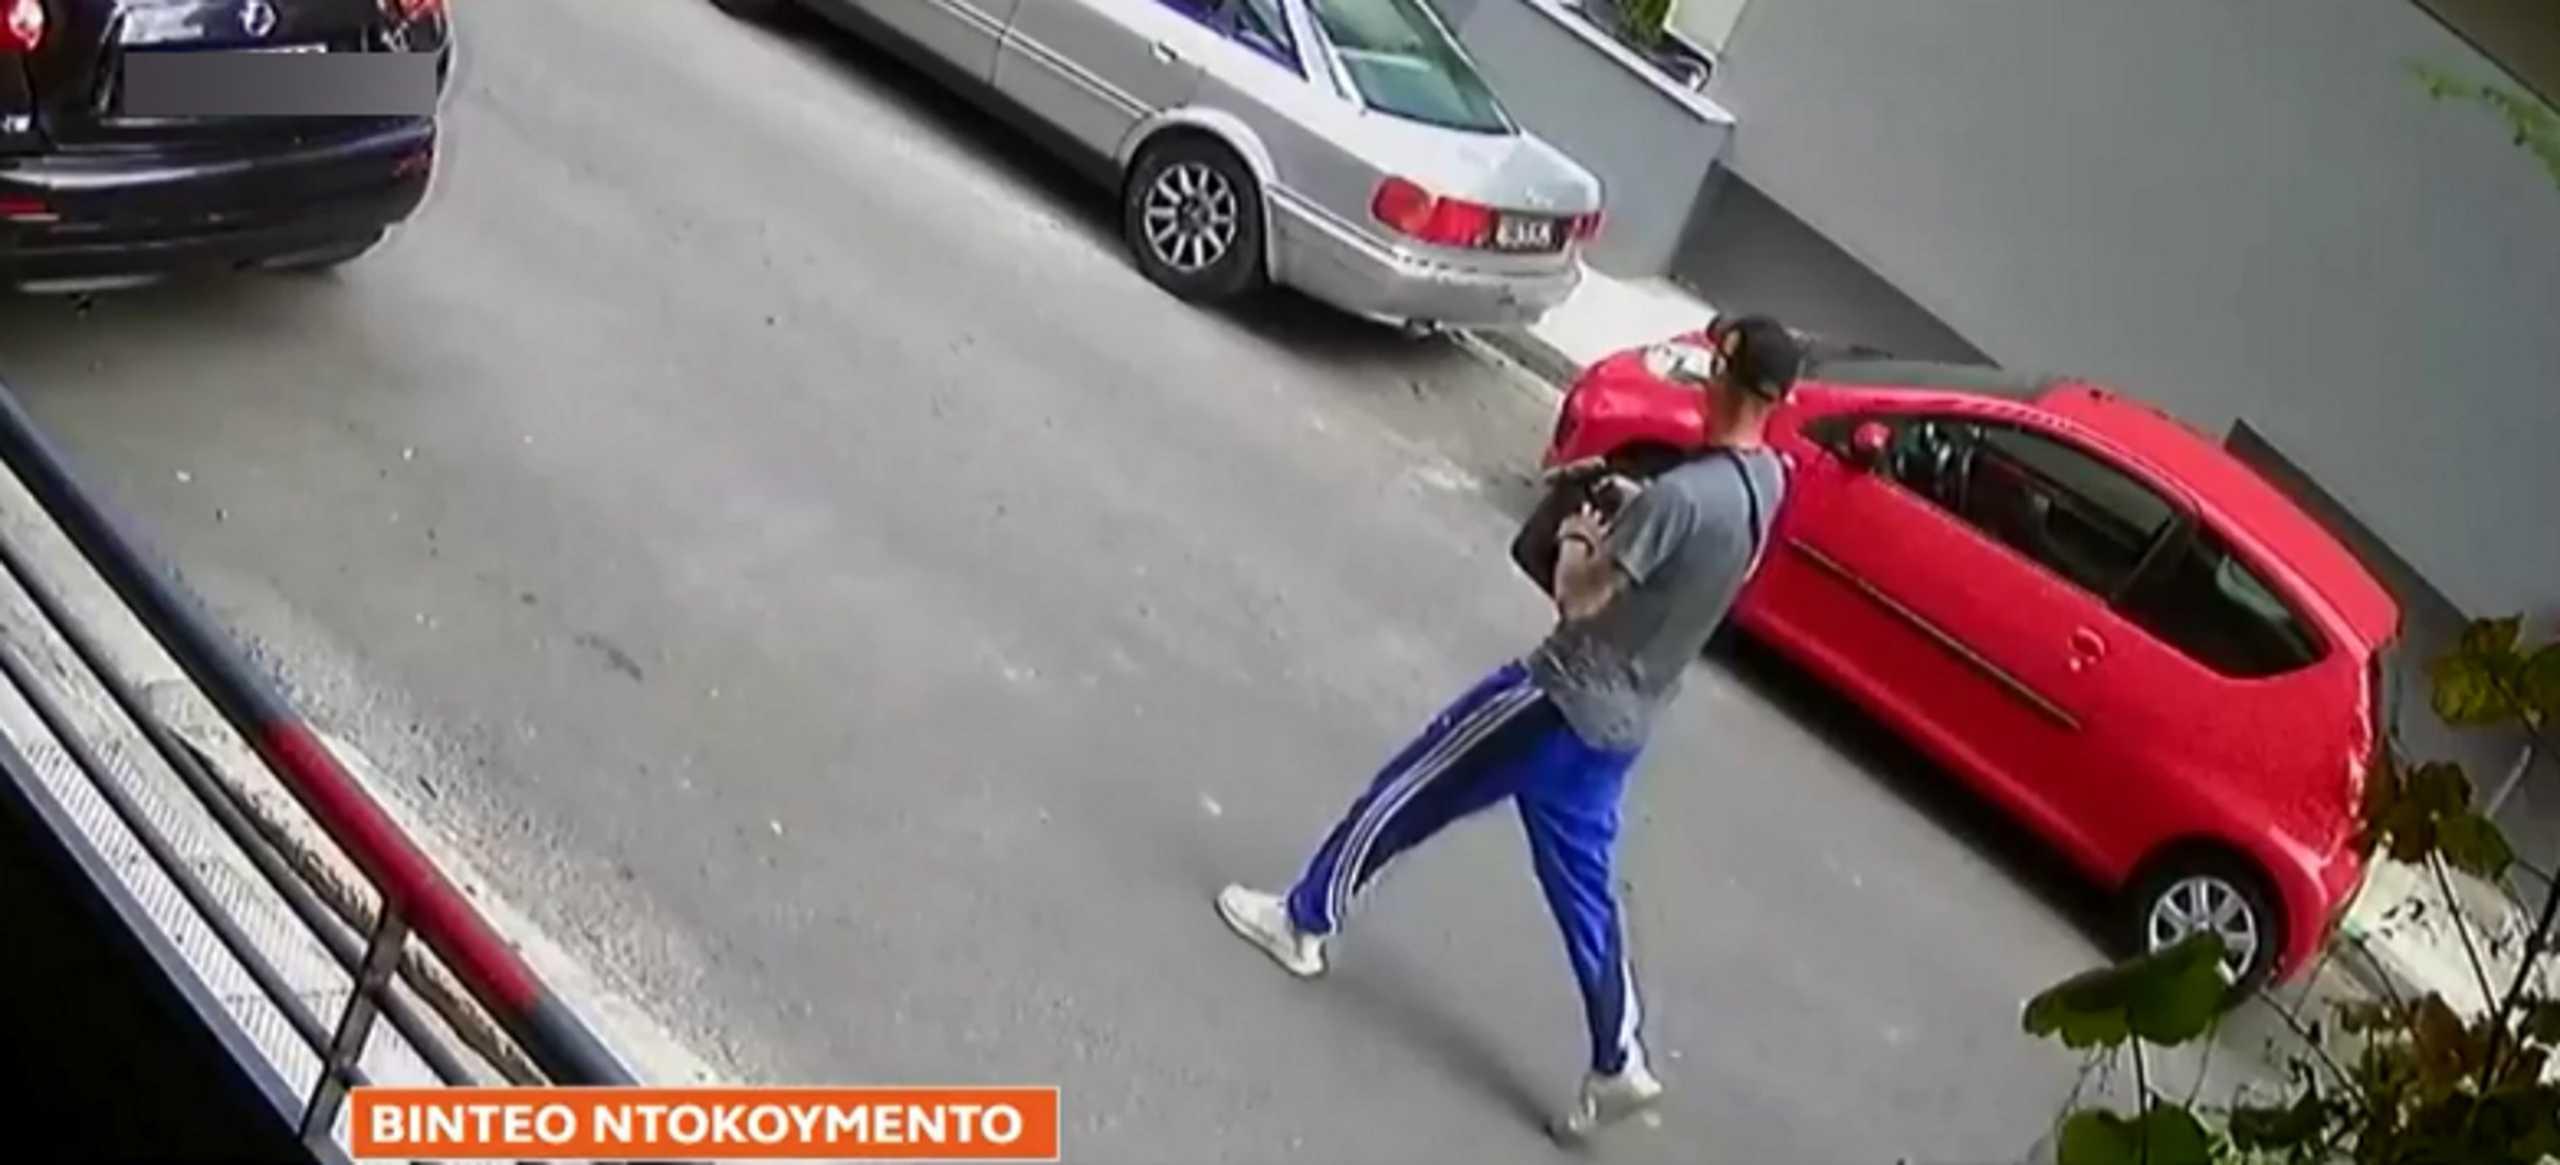 Βίντεο ντοκουμέντο: Ο δράστης της επίθεσης με πυροβολισμούς στη Λεωφόρο Αλεξάνδρας